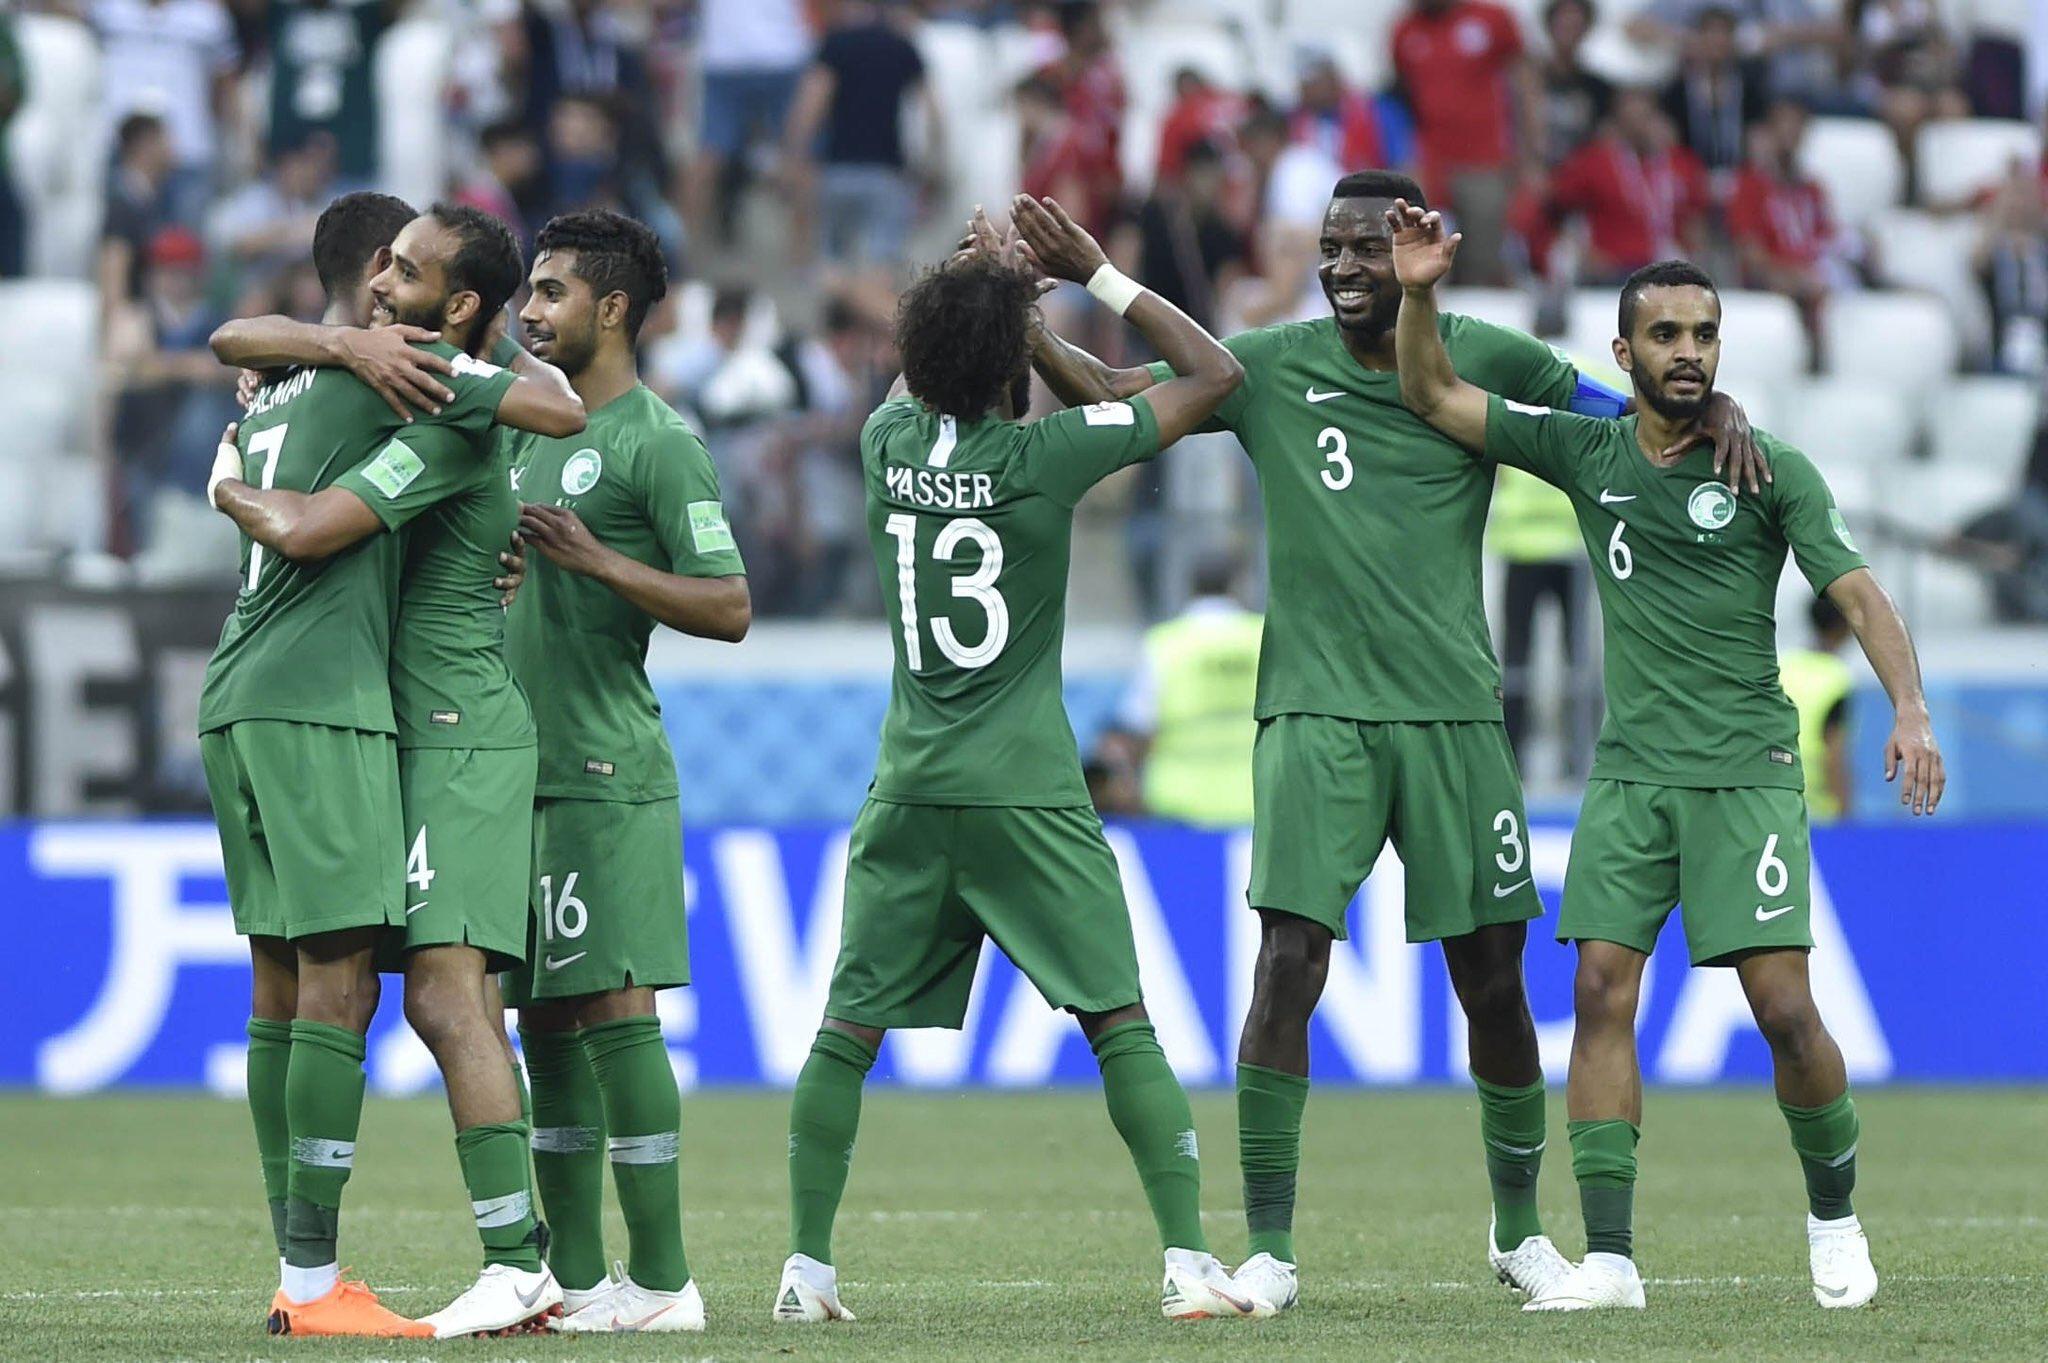 L'Arabie saoudite sauve l'honneur en Coupe du monde en battant l'Egypte (2-1) © Saudi National Team